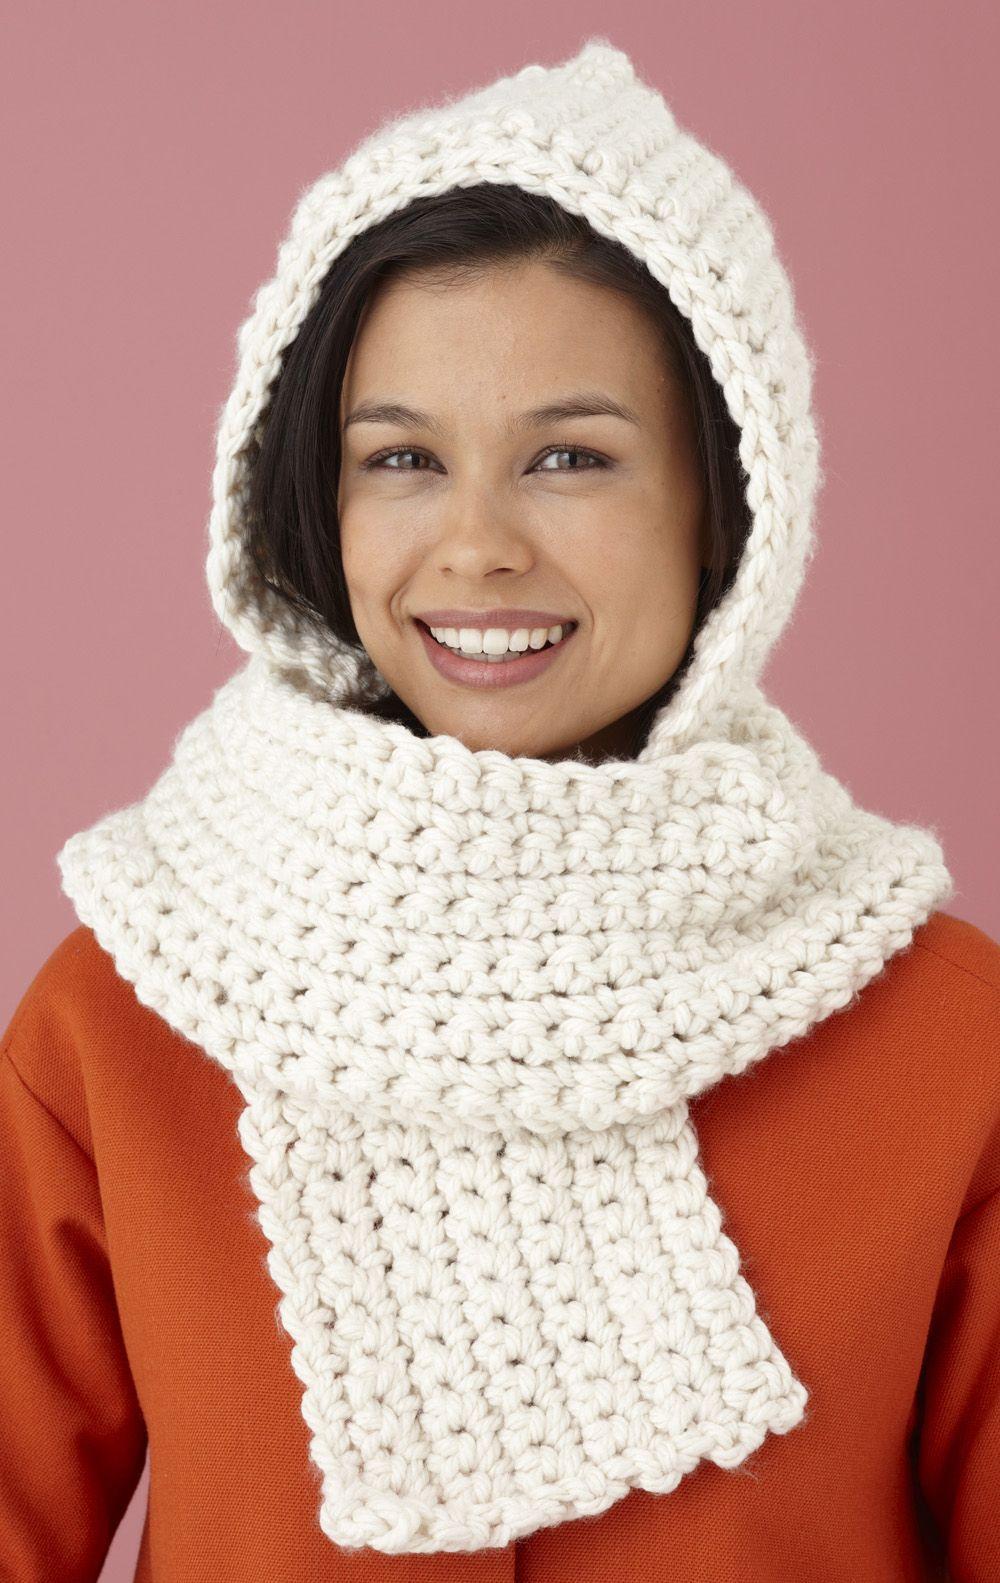 Free crochet hooded scarf pattern free crochet pattern l10722 cozy free crochet hooded scarf pattern free crochet pattern l10722 cozy crochet hooded scarf lion dt1010fo